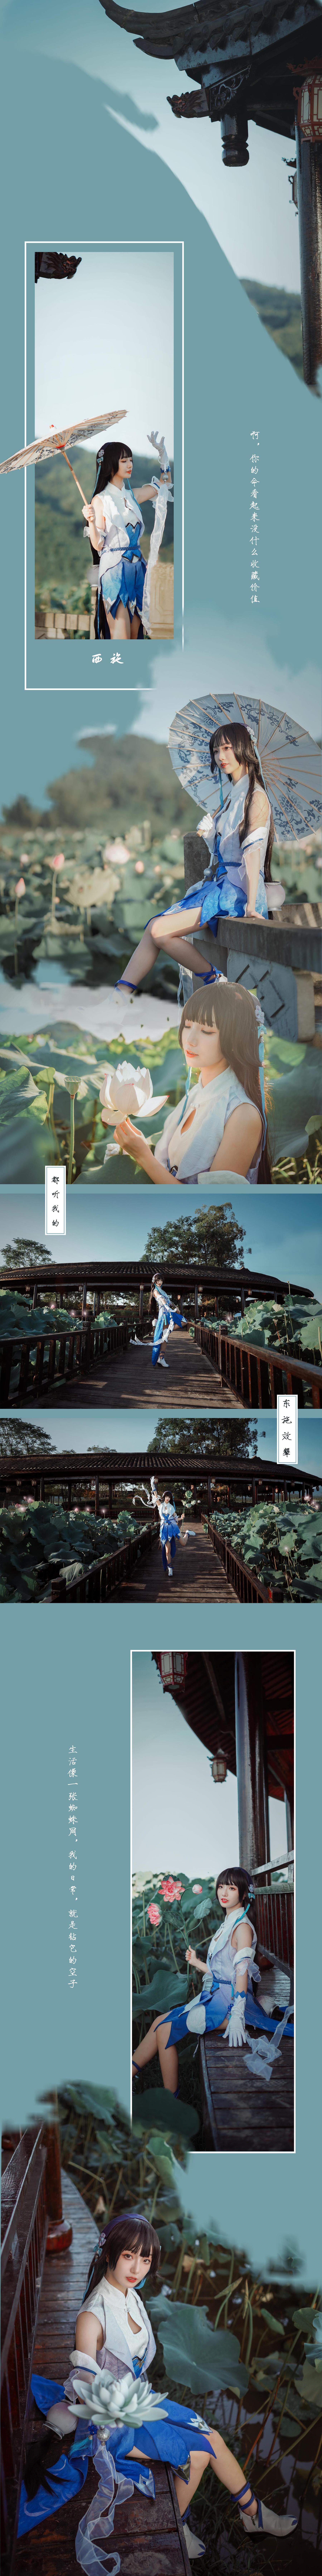 《王者荣耀》王者荣耀西施cosplay【CN:青锦天下】-第2张